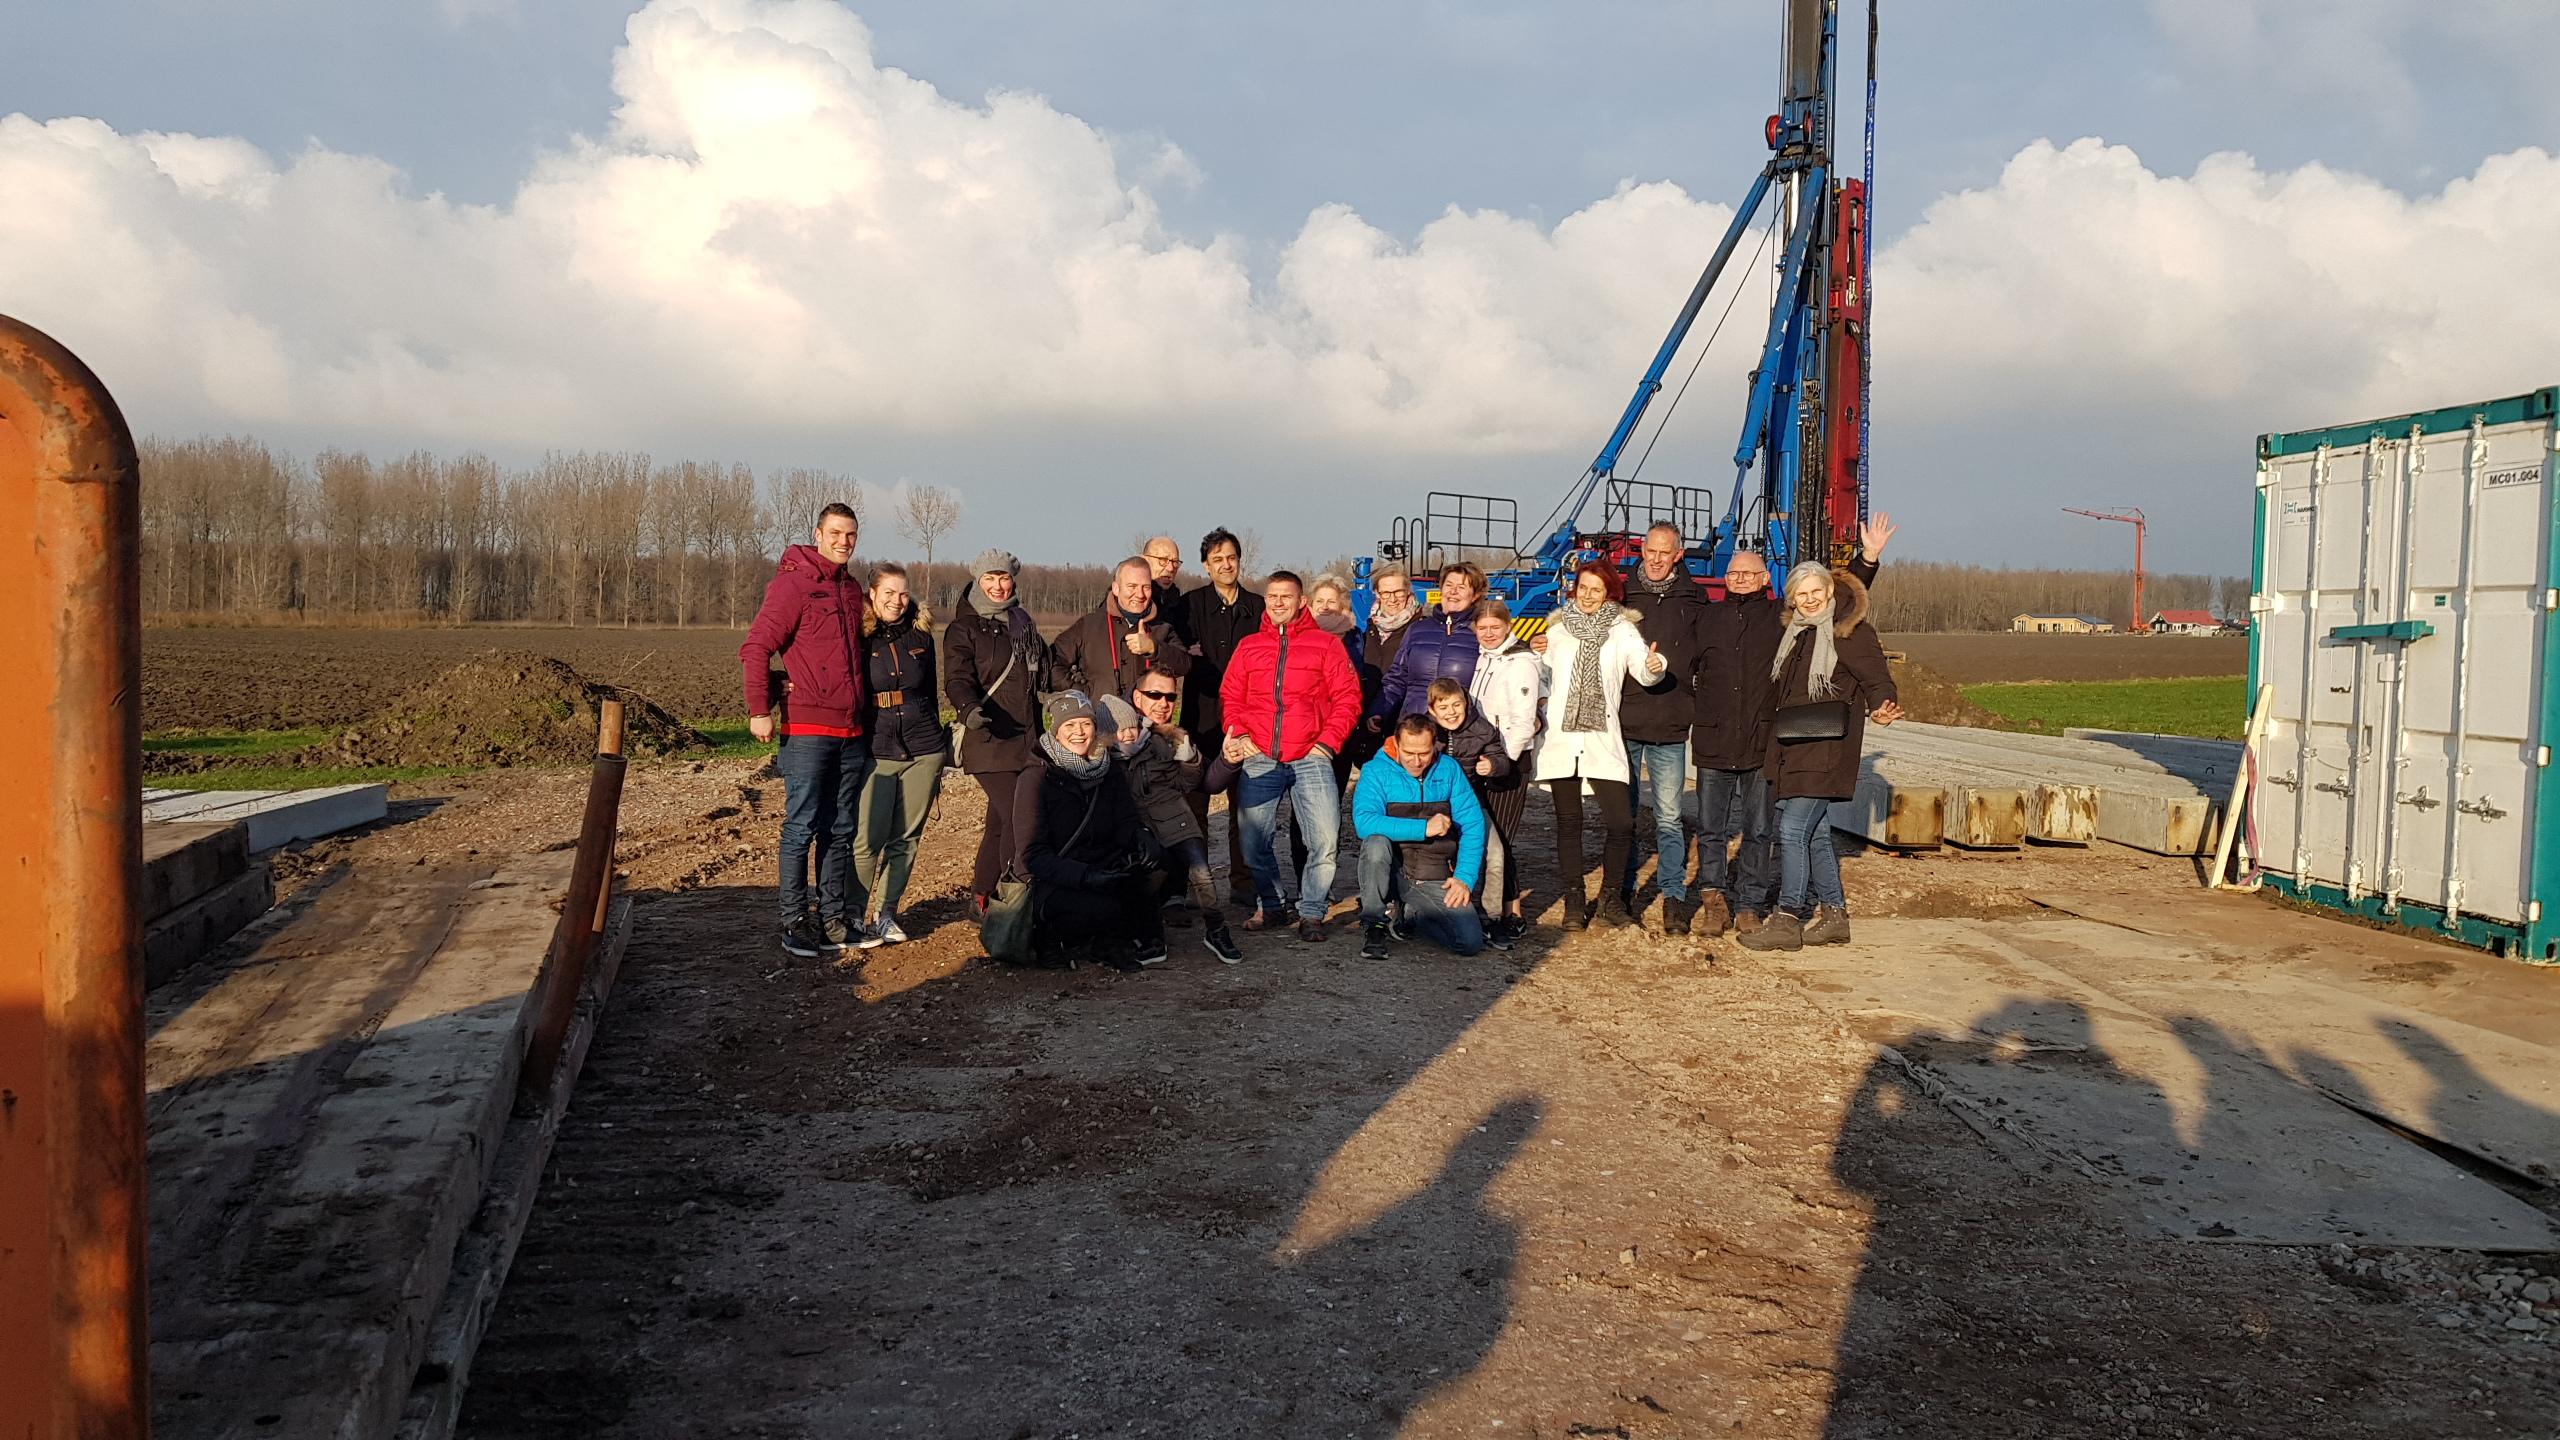 Op 14 december 2018 is in aanwezigheid van de toekomstige bewoners de eerste paal voor het project Kievitsland de grond in gegaan.